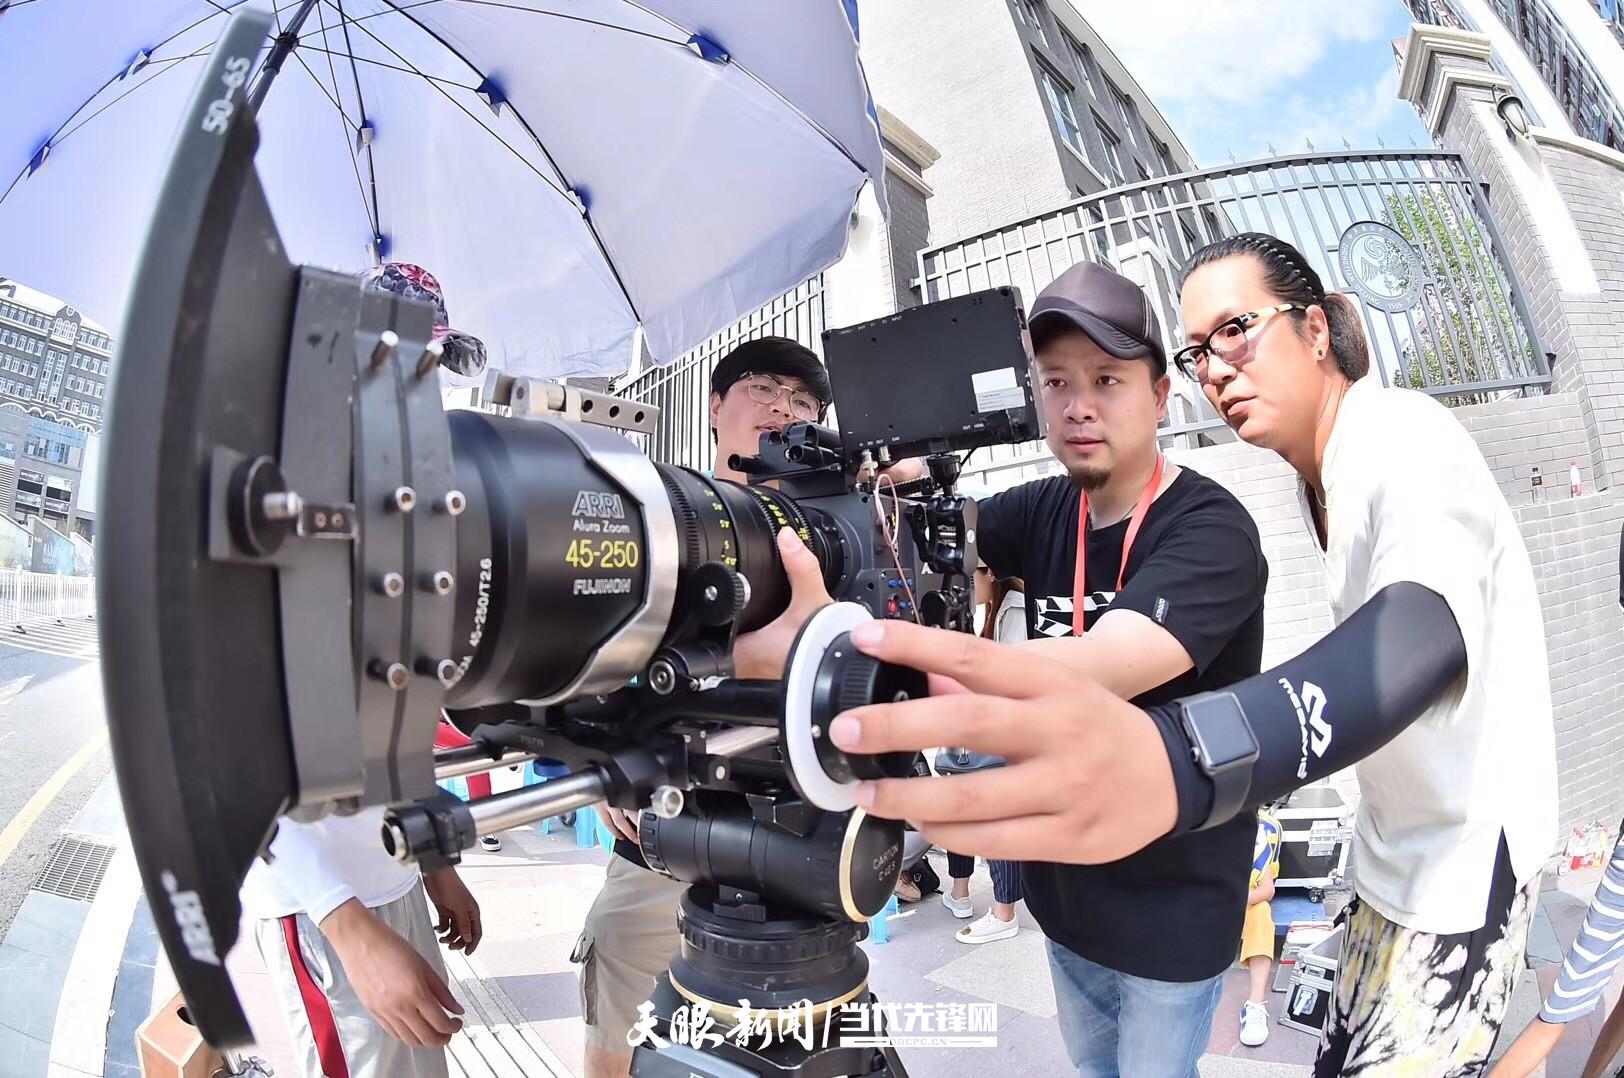 唐煌:用光影讲好贵州故事,传播贵州好声音 娱乐 第3张